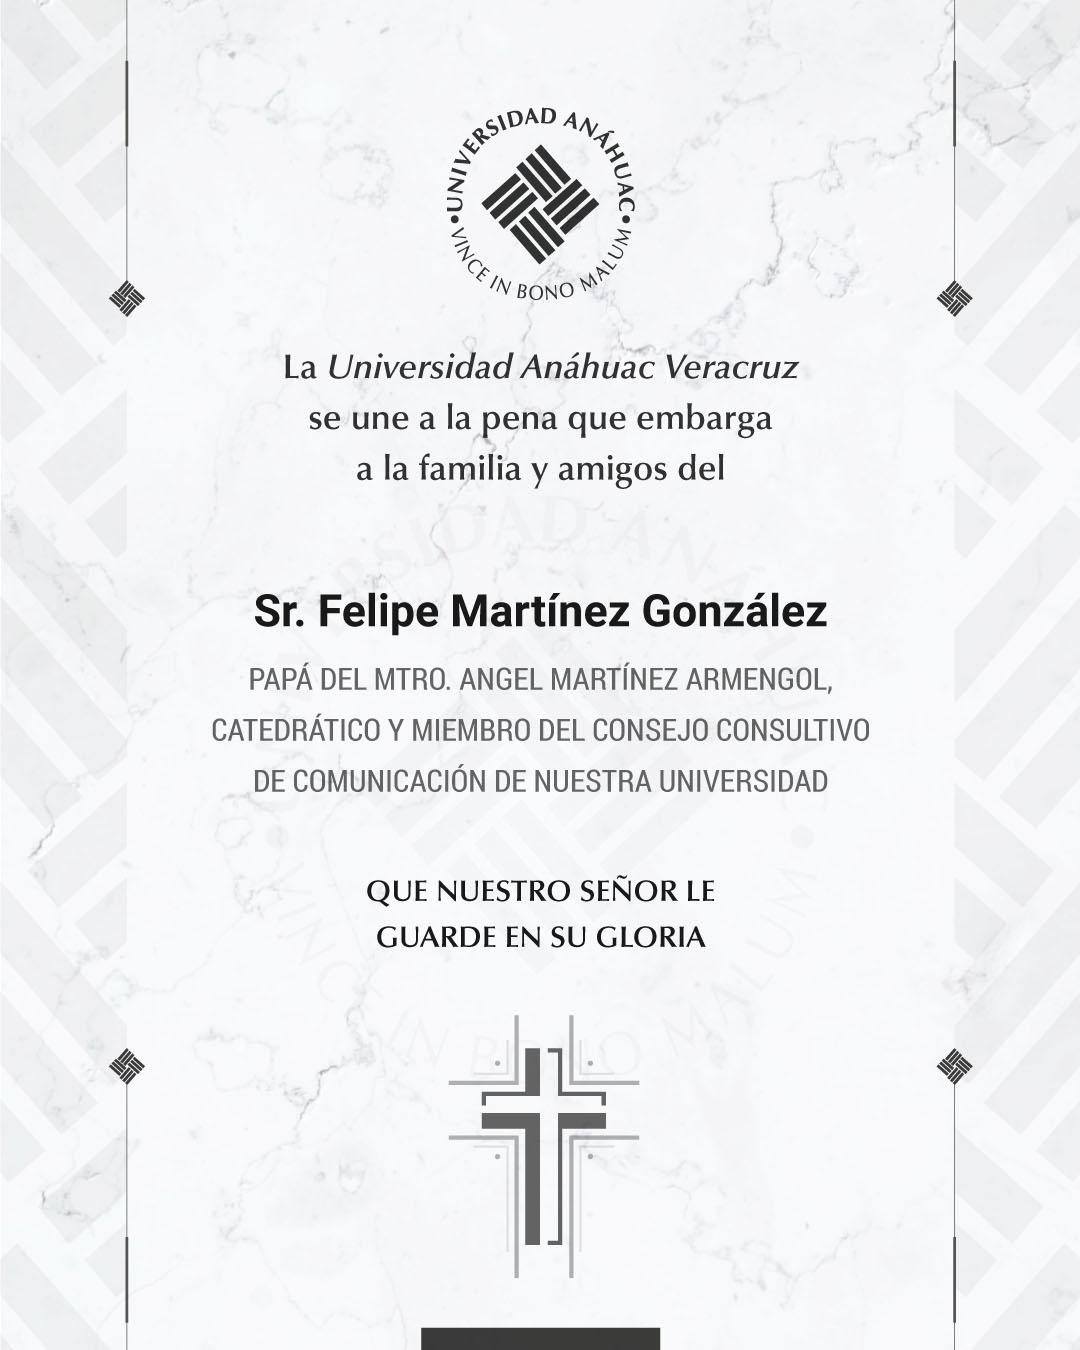 Sr. Felipe Martínez González